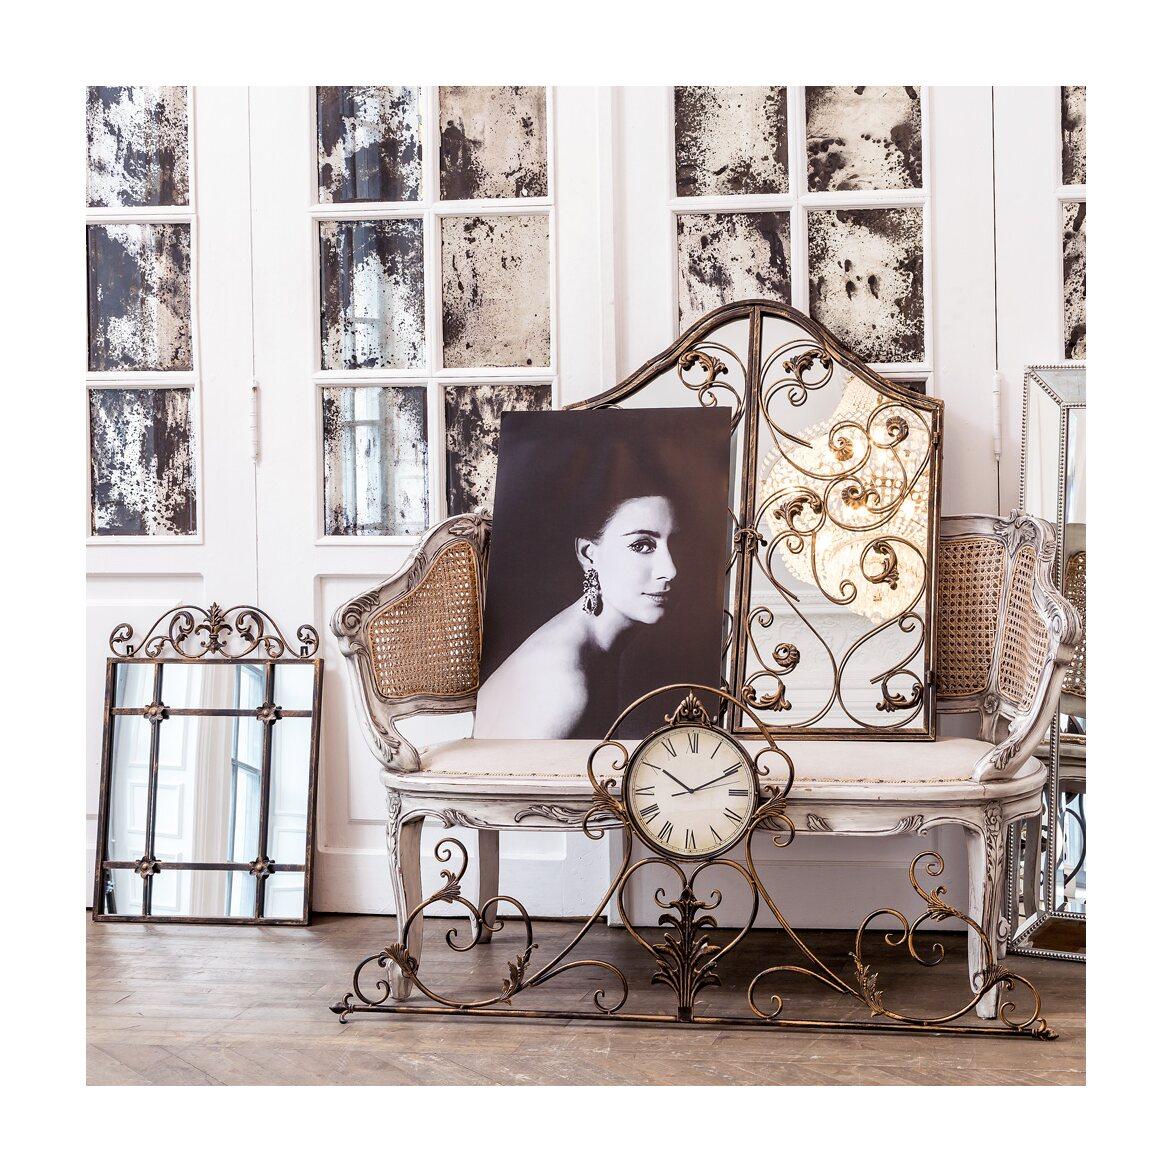 Настенное зеркало «Монтанер» (королевская бронза) 6 | Настенные зеркала Kingsby